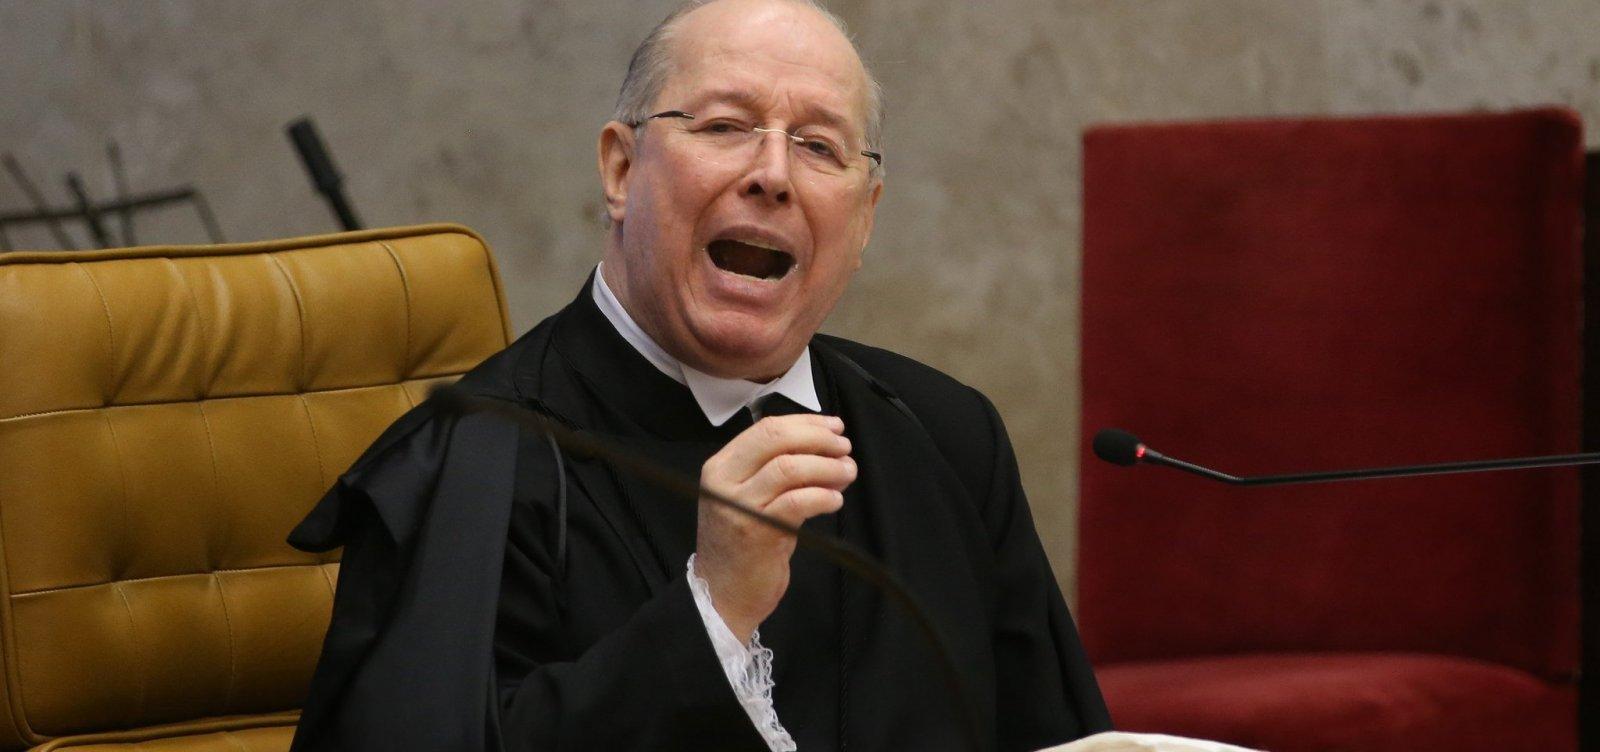 [Ministro do STF diz que o Brasil não pode ser 'refém de qualquer categoria profissional']